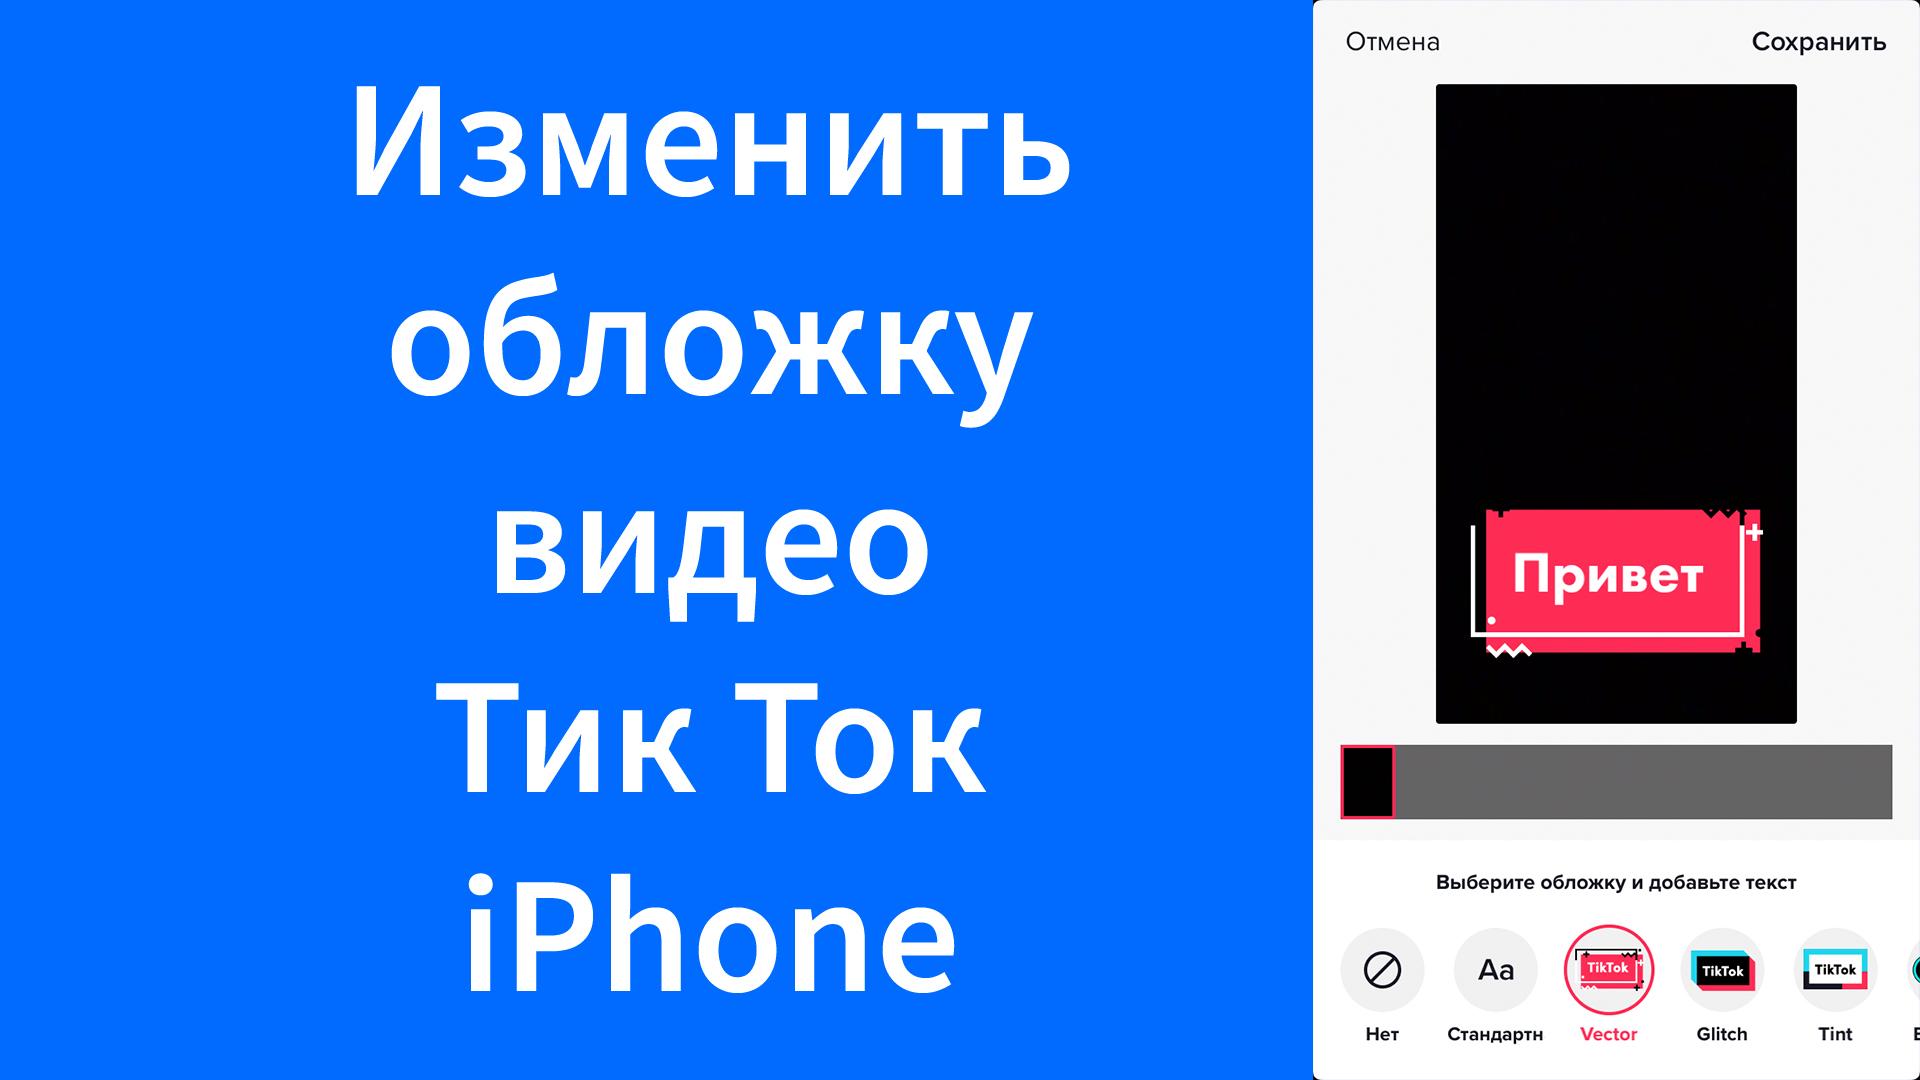 Как изменить обложку видео Тик Ток iPhone (превью, миниатюра) (TikTok)